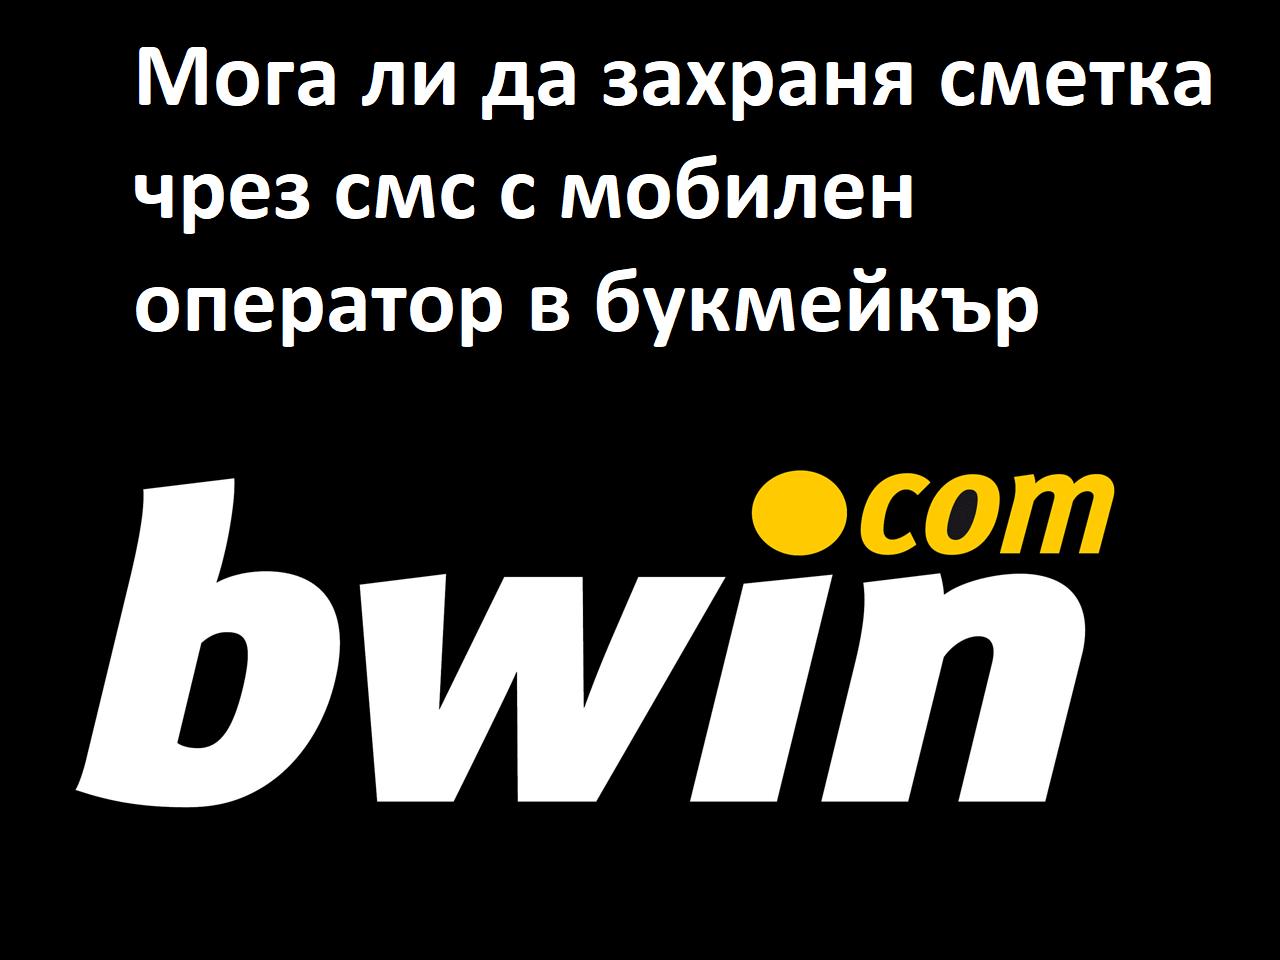 Мога ли да захраня сметка в Bwin чрез смс с мобилен оператор?